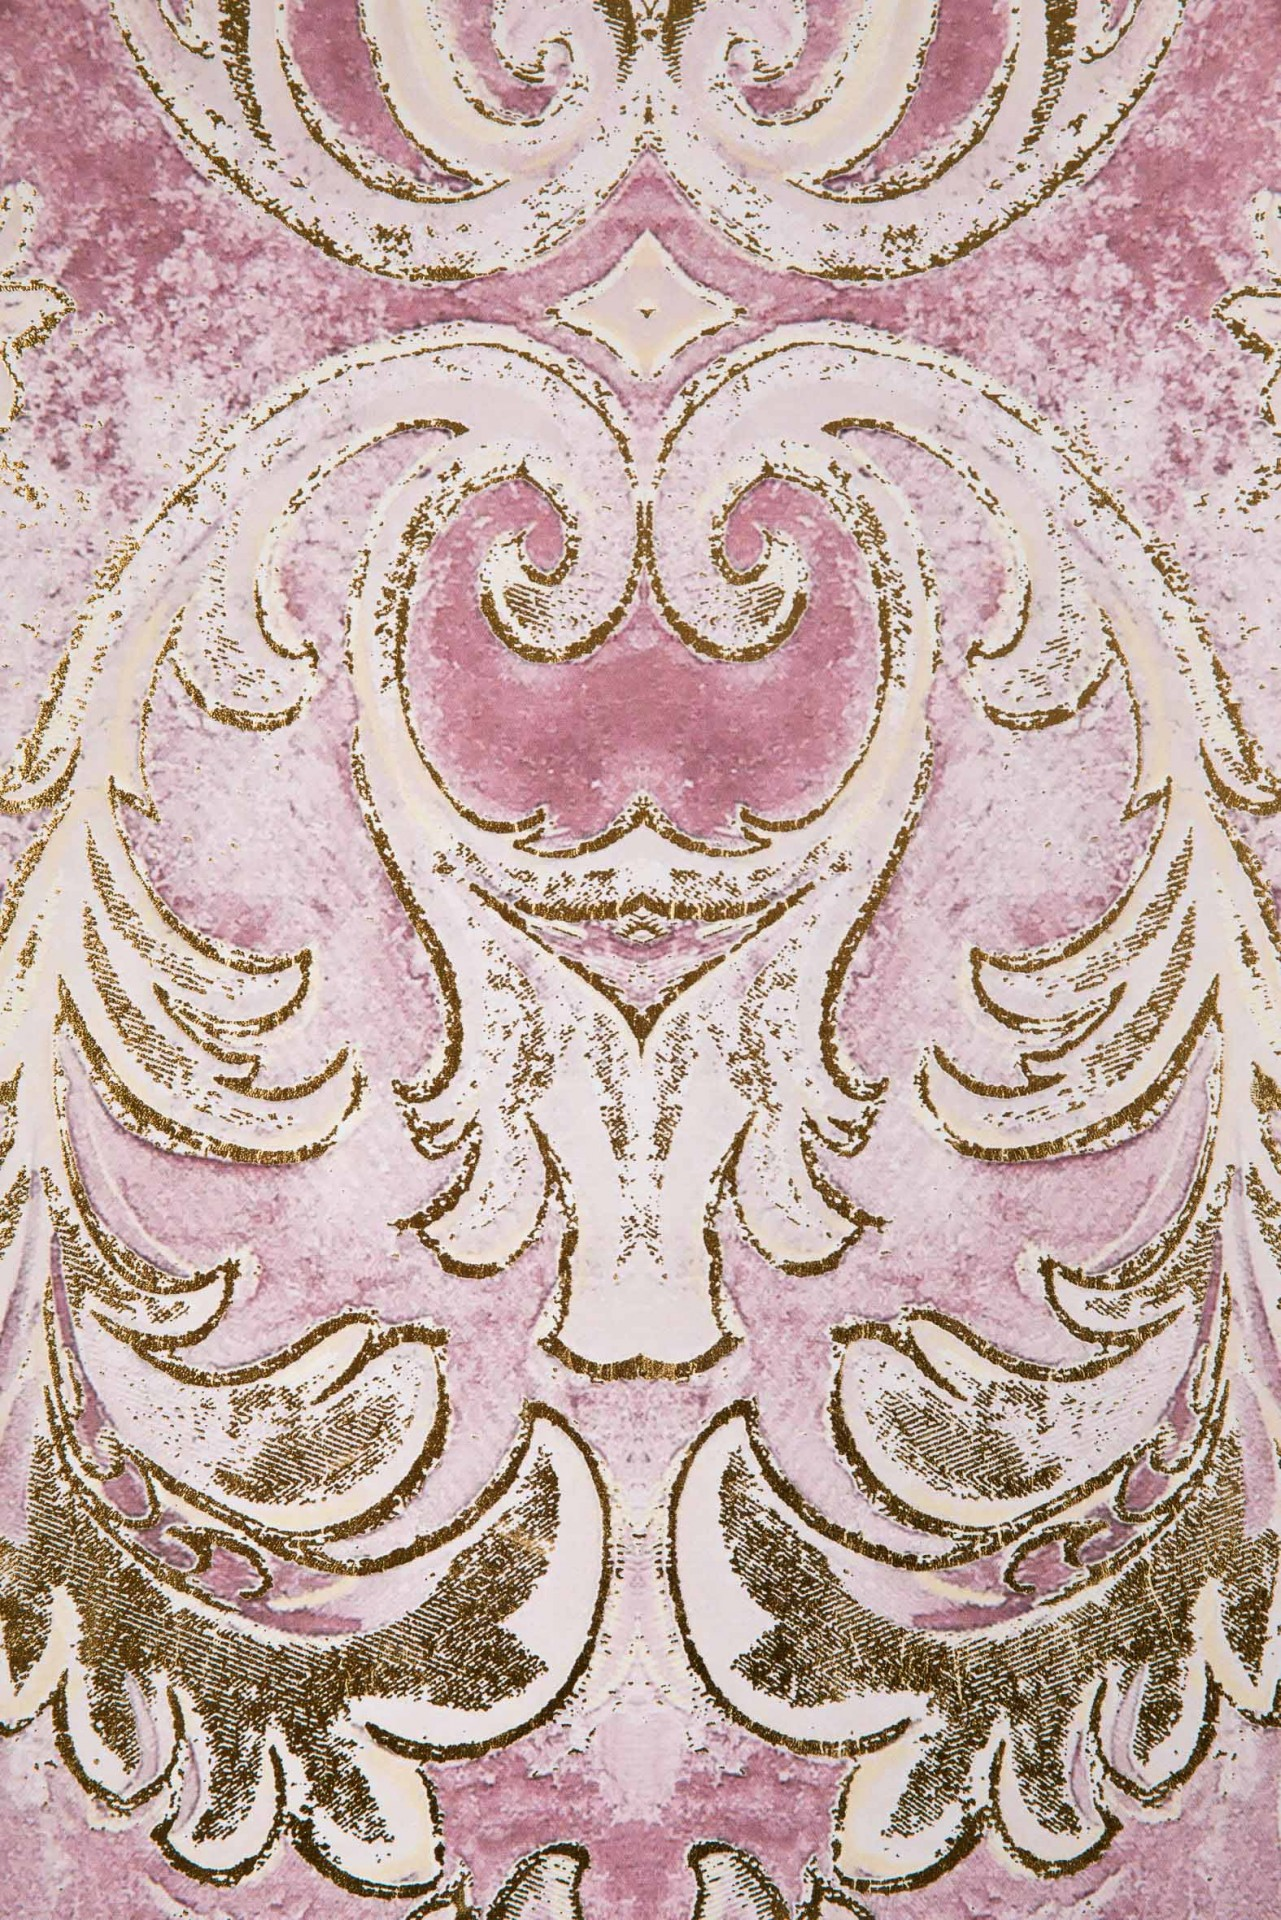 Quadro tela damasco acentos dourados  82*4.5*122cm